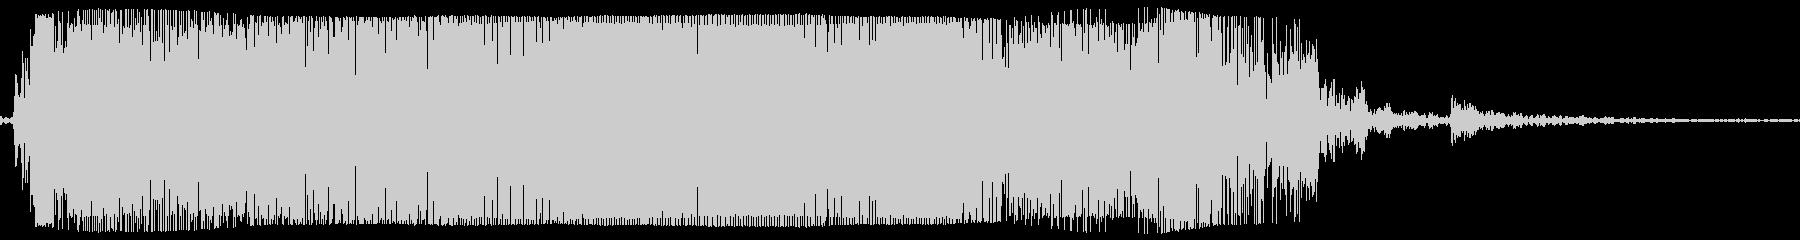 ギターメタルパワーコードzo wの未再生の波形